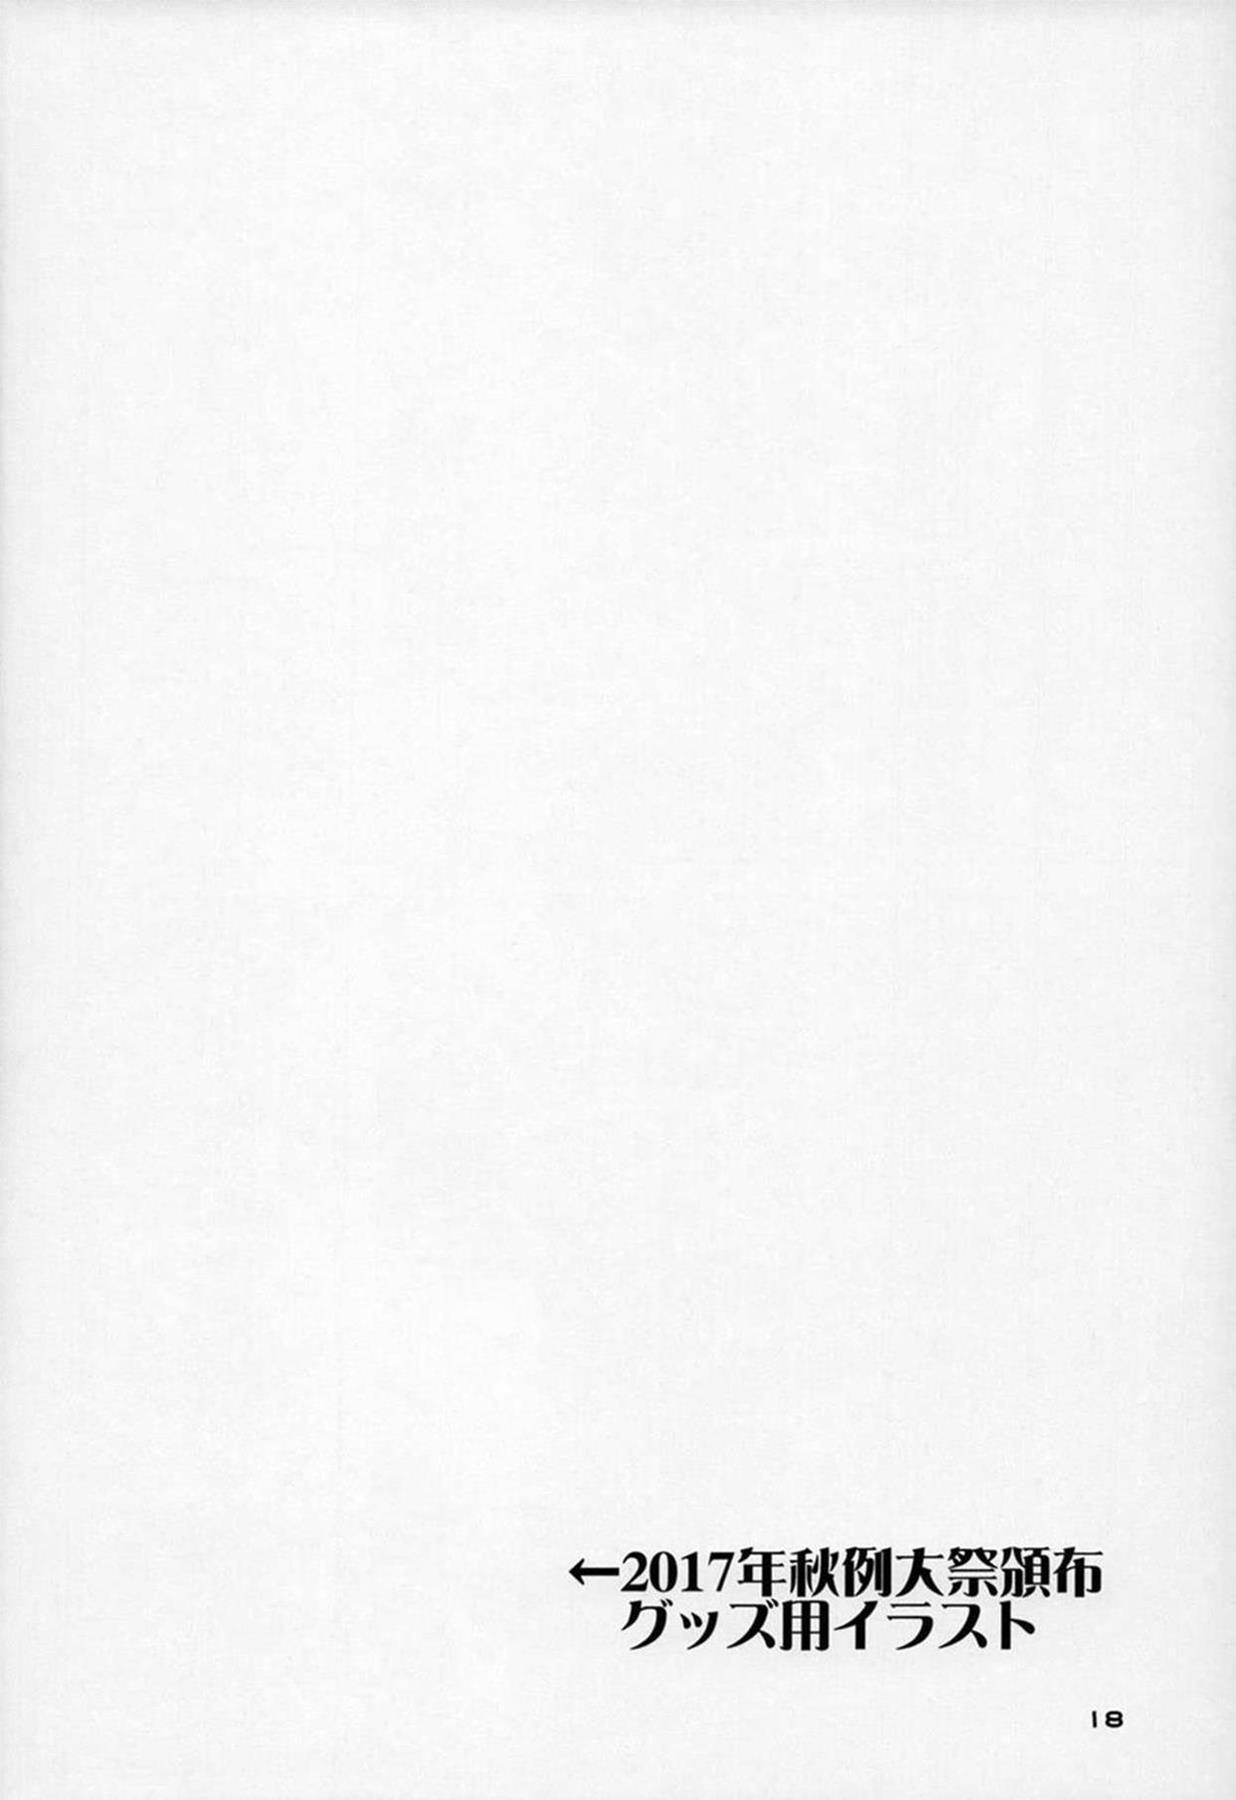 【東方 エロ漫画・エロ同人】エロトラップにハマりまくってイかされすぎて結局抜け出せなかったフランちゃんwwwww (18)